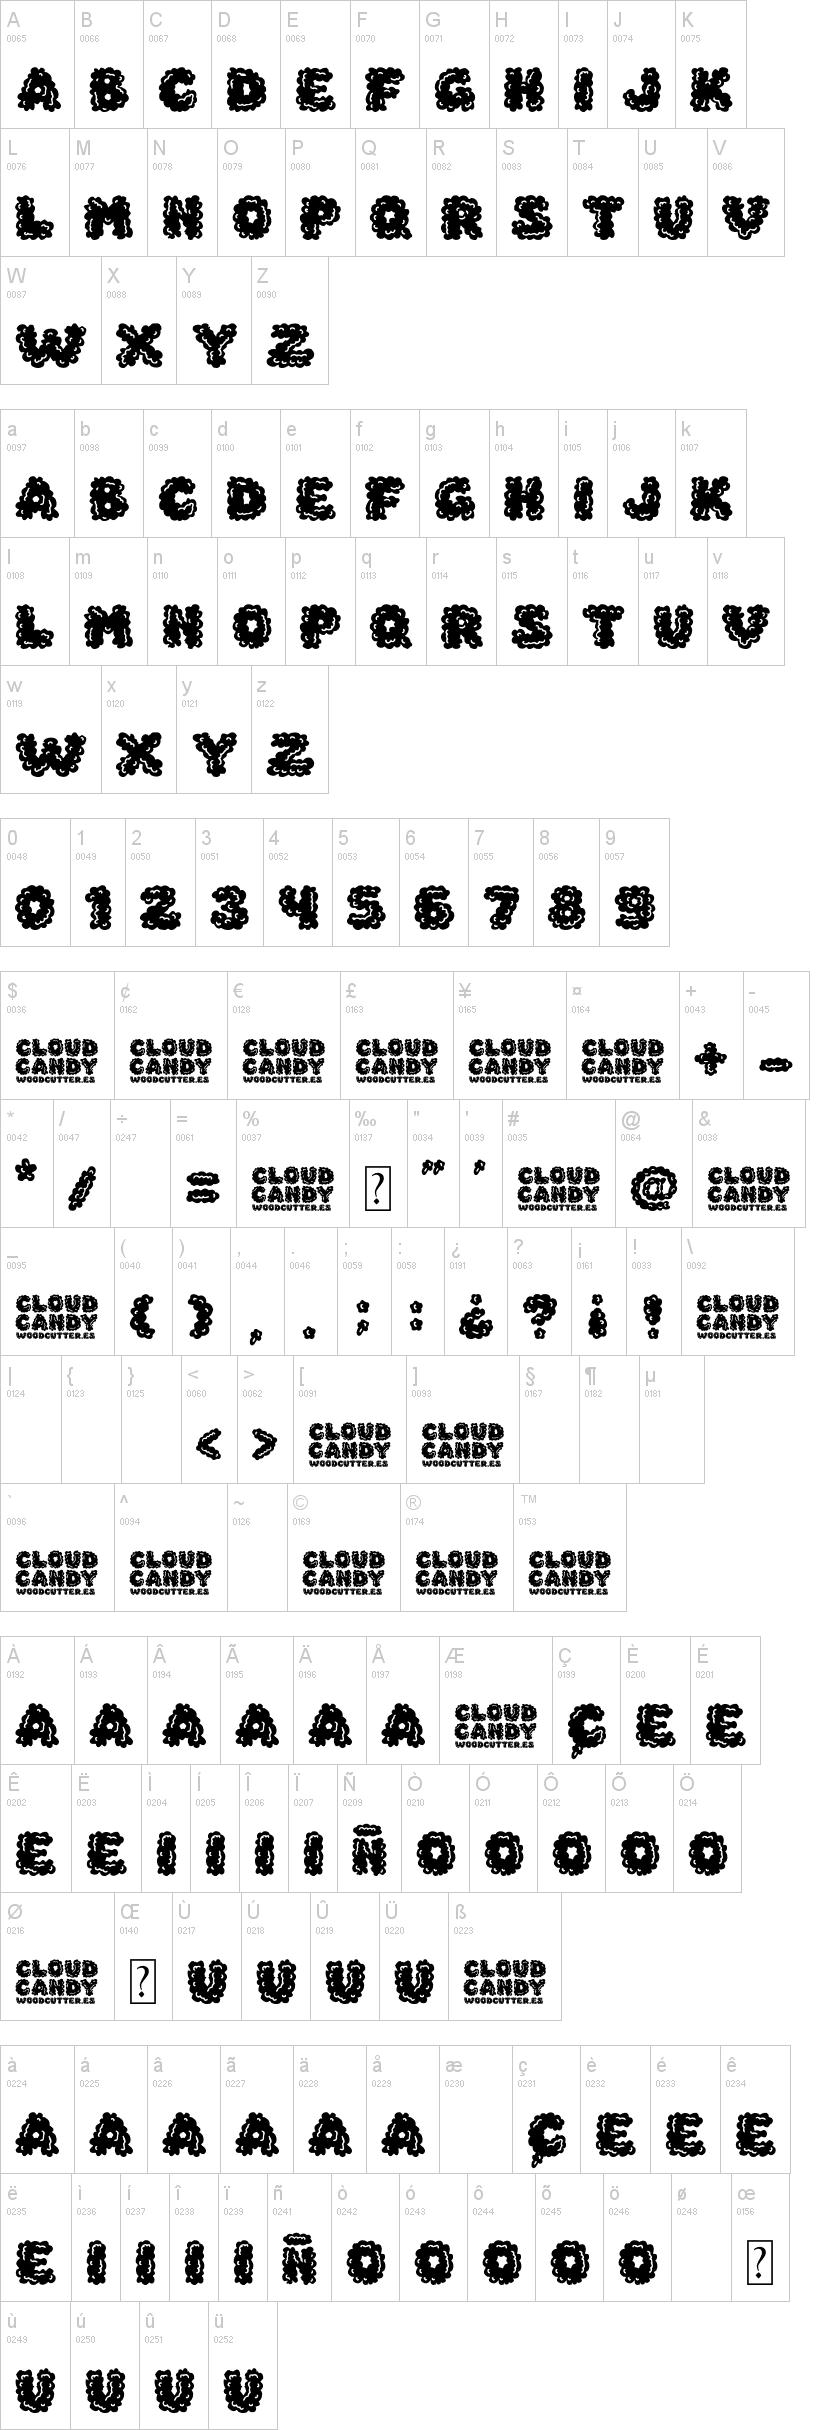 Cloud Candy Font   dafont com   Fonts I like   Fonts, Clouds